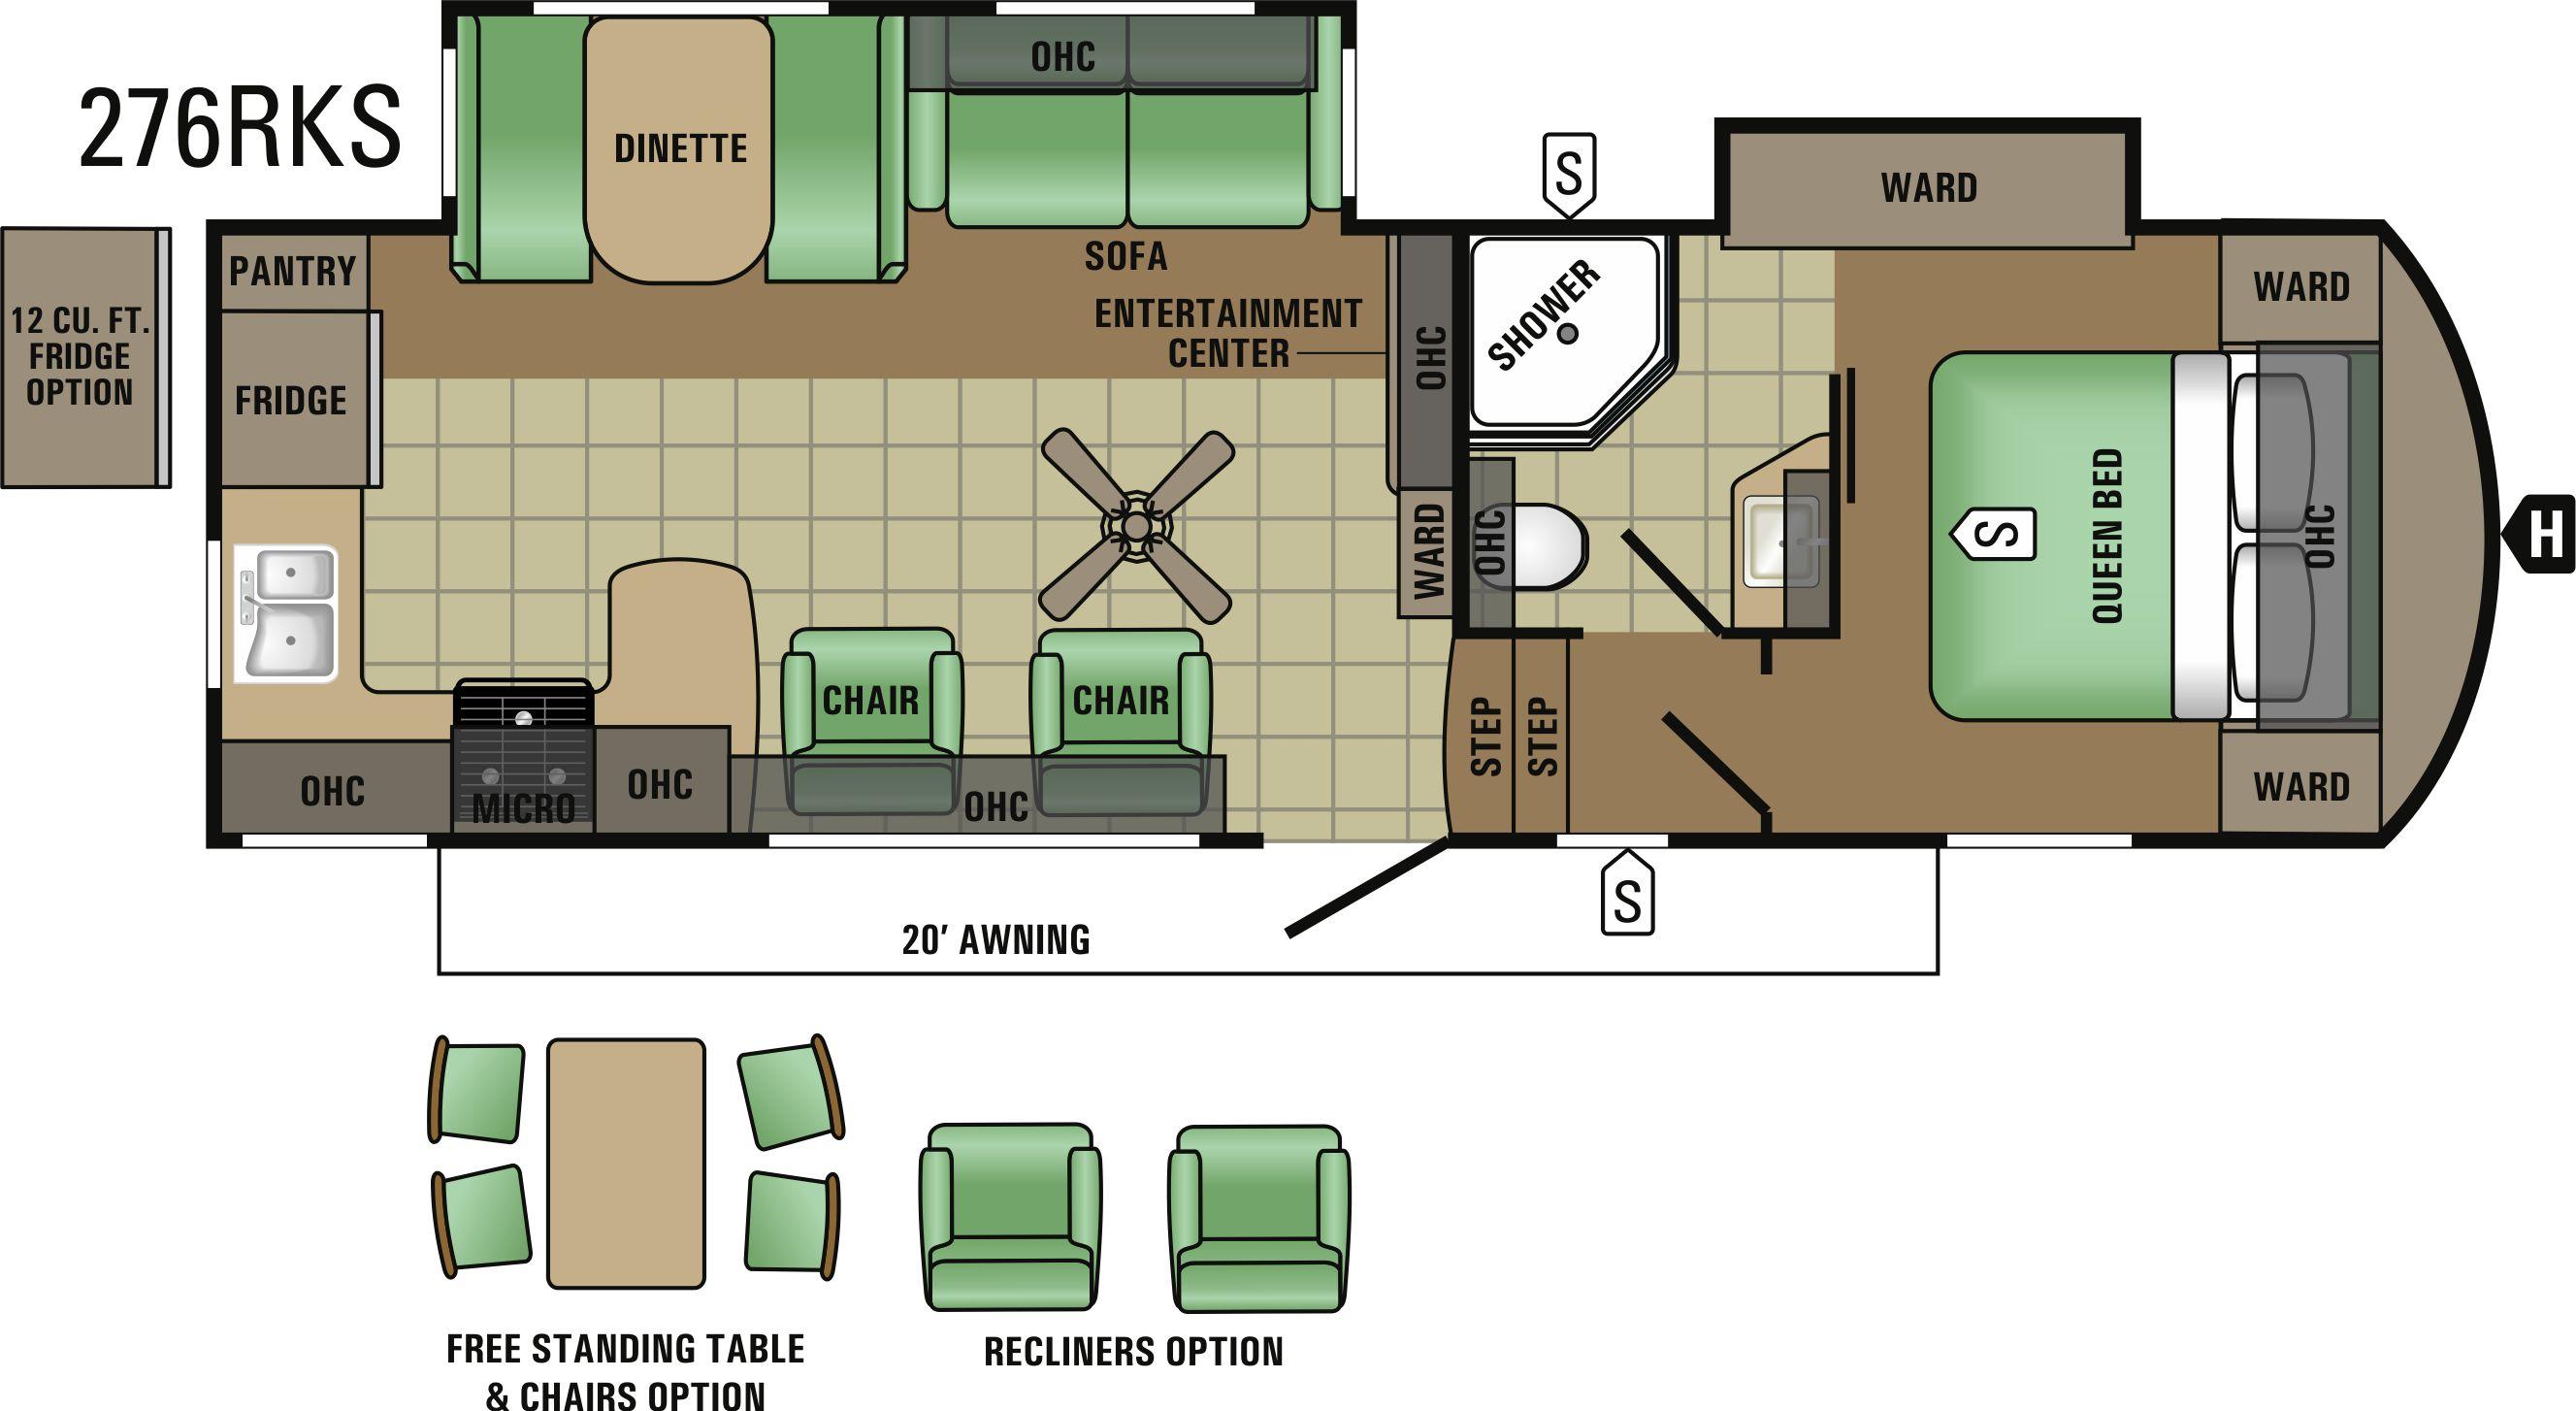 276RKS Floorplan